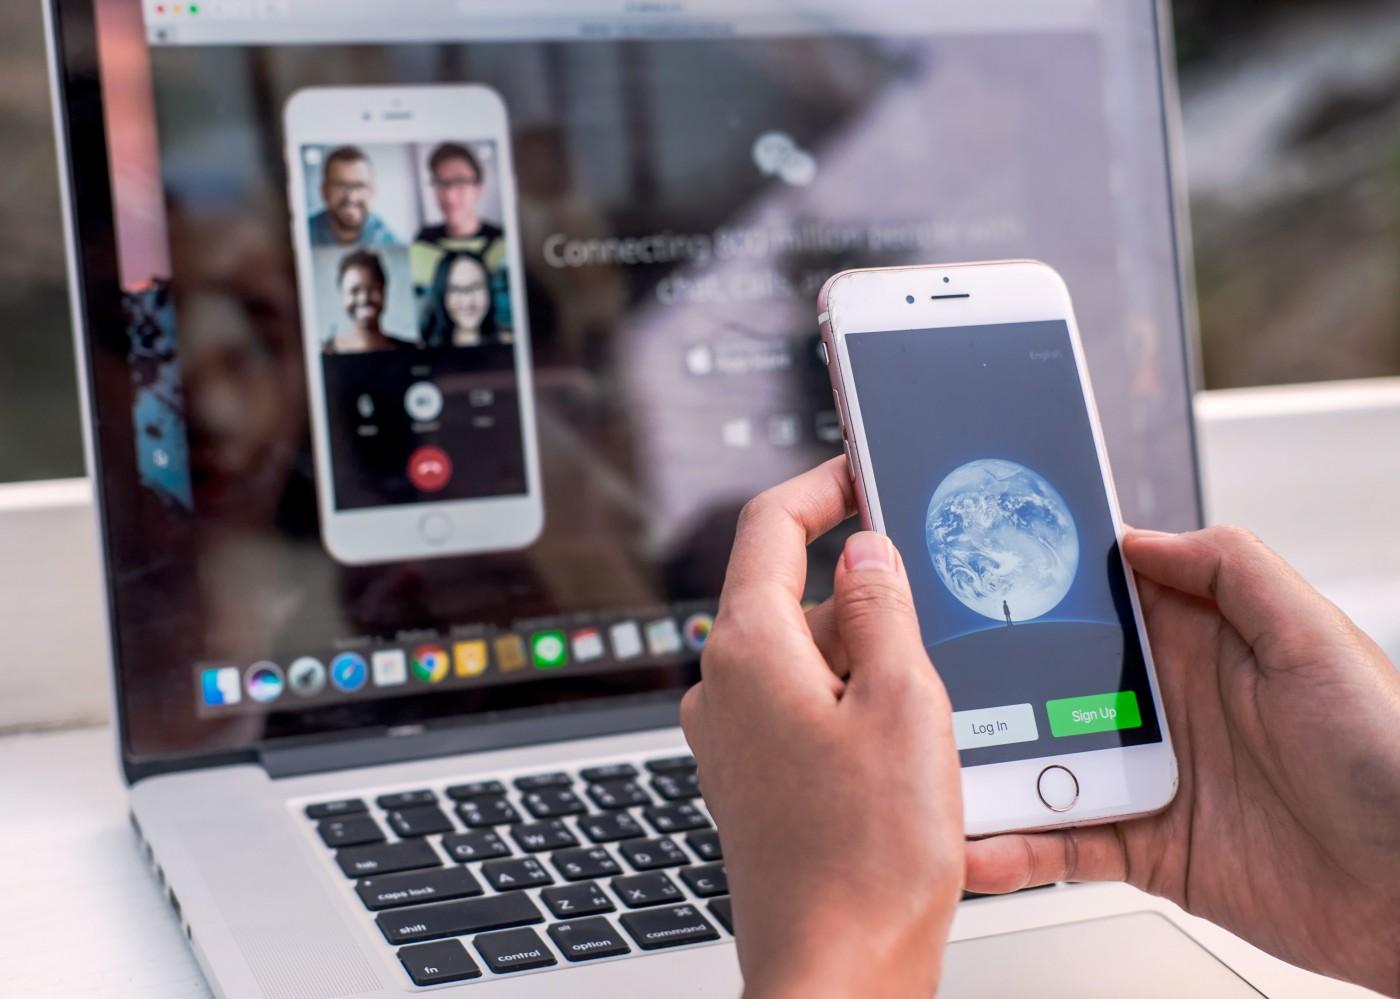 微信拒繳蘋果稅,神仙打架誰最傷?